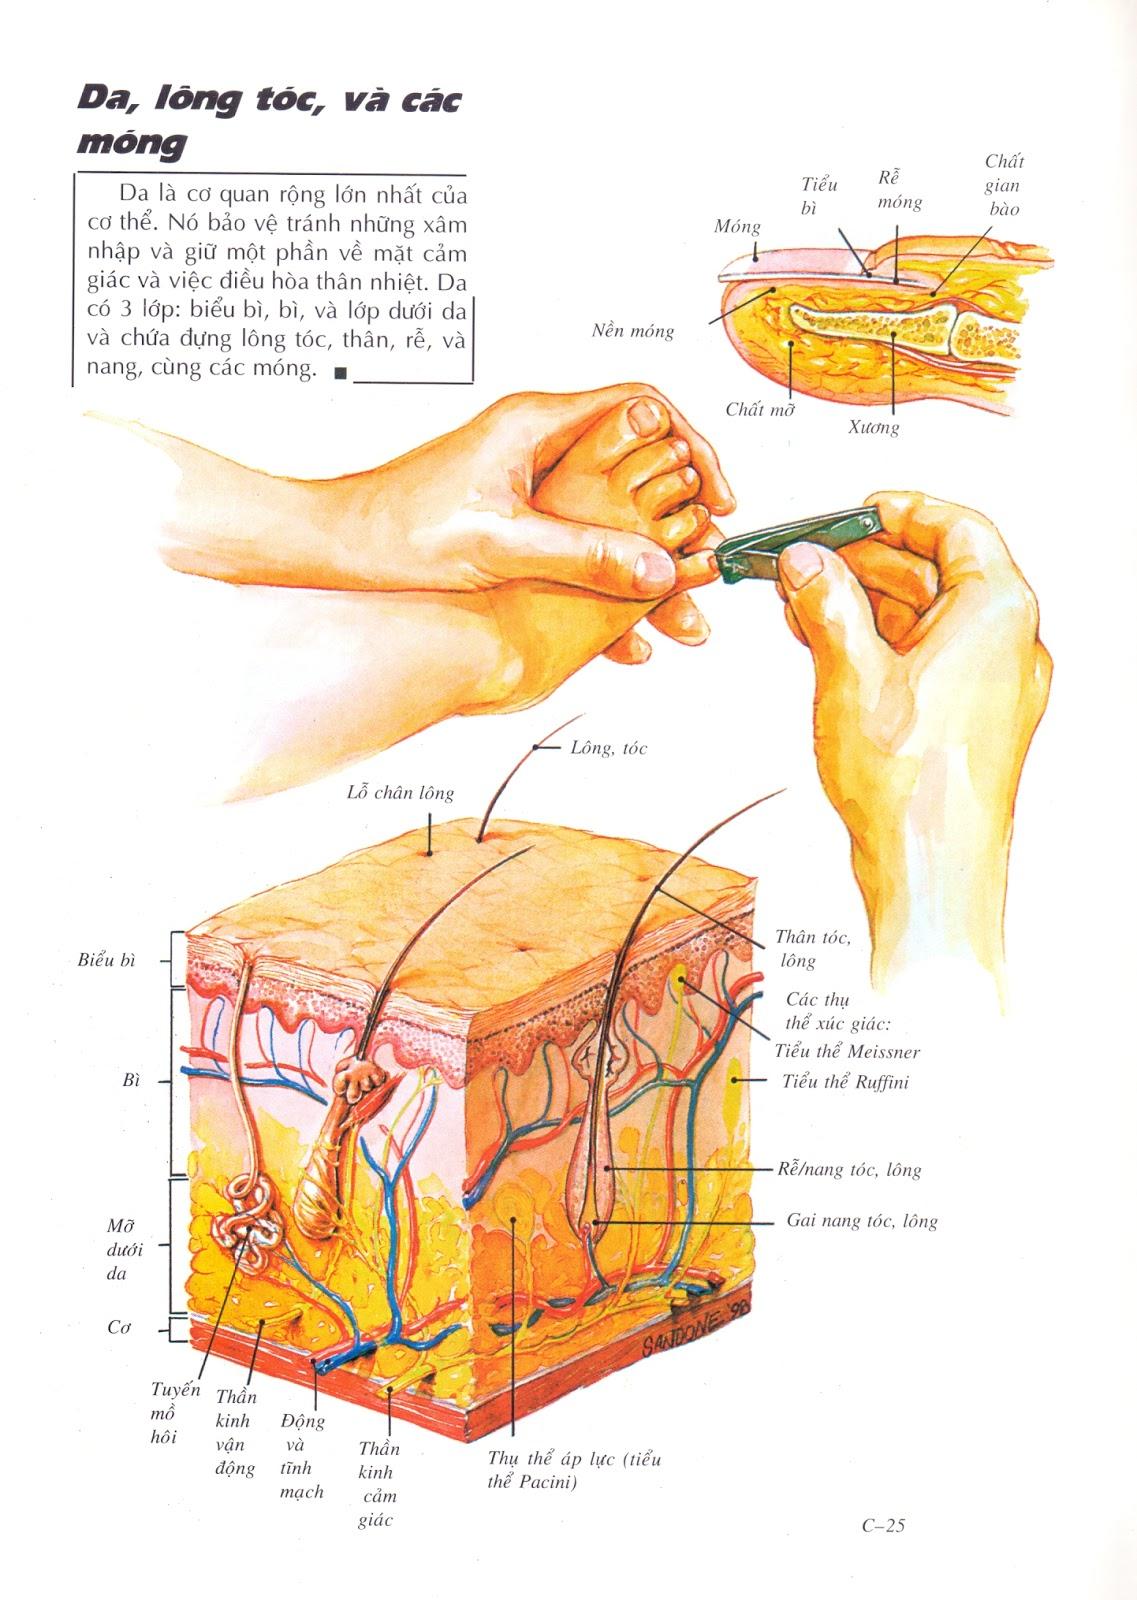 Bệnh ngoài da là nhóm bệnh phổ biến nhất trên cơ thể con người